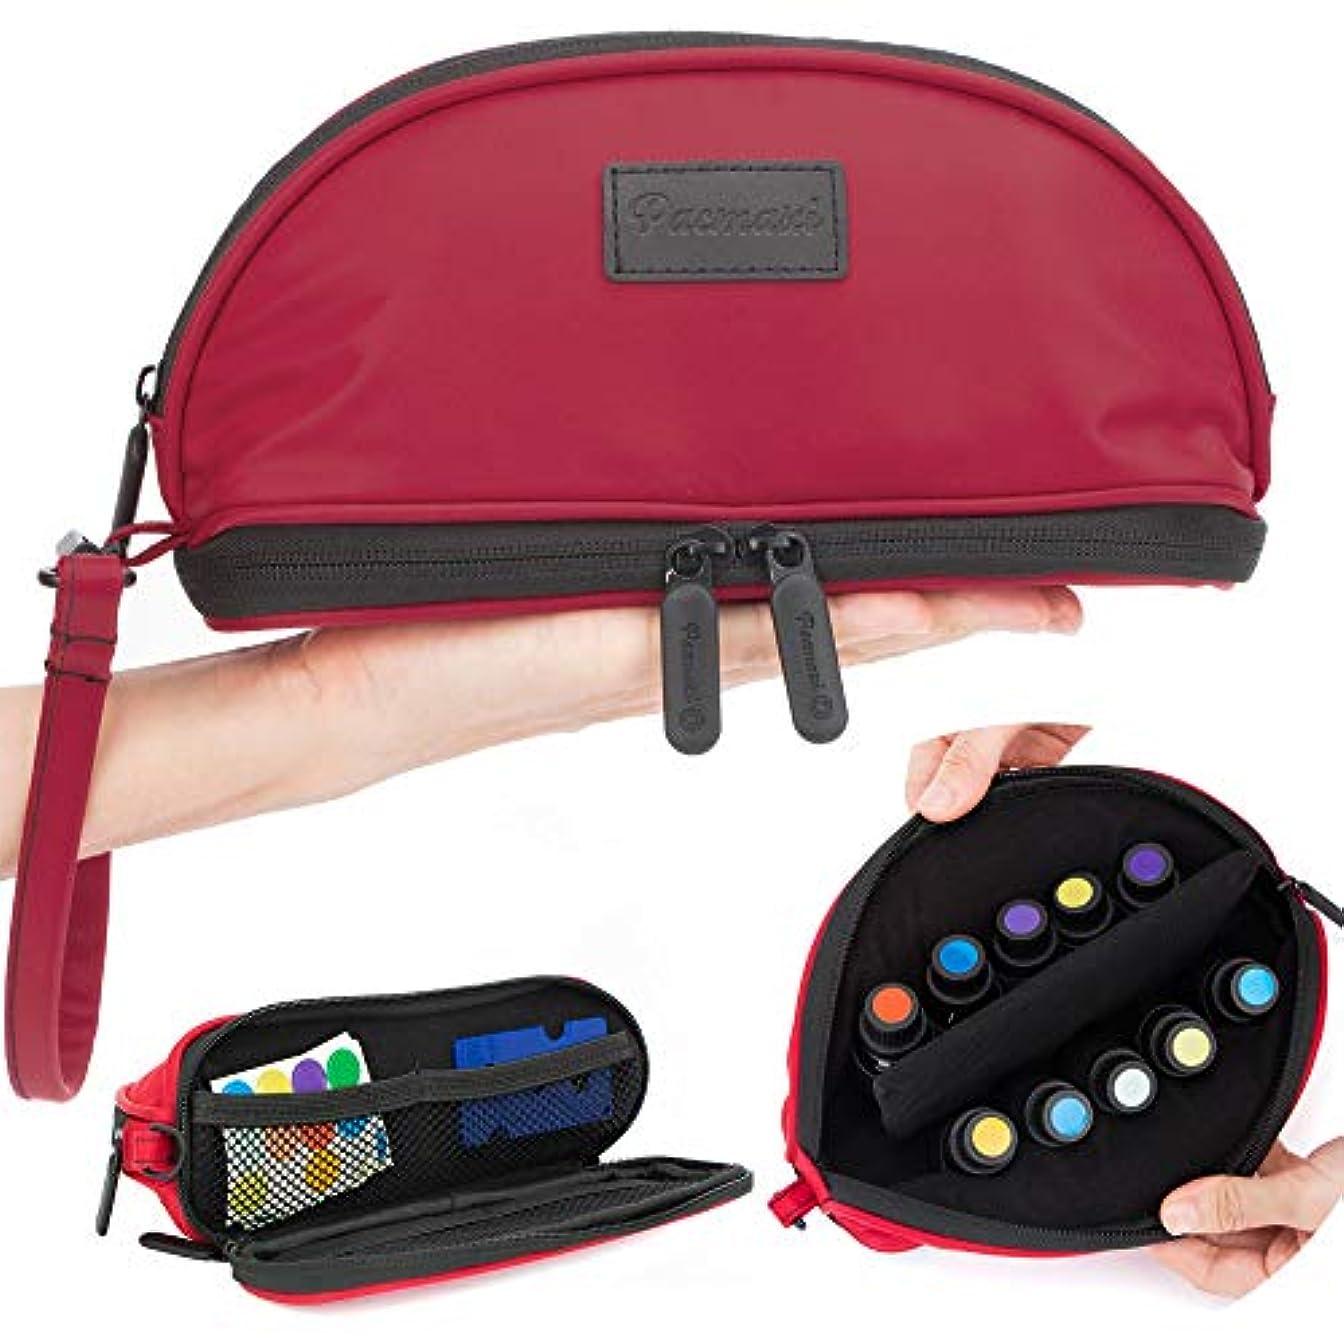 計算ダッシュ首謀者[Pacmaxi]エッセンシャルオイル 収納ポーチ 携帯便利 旅行 10本収納(5ml - 15ml) ナイロン製 撥水加工 ストラップあり (レッド)